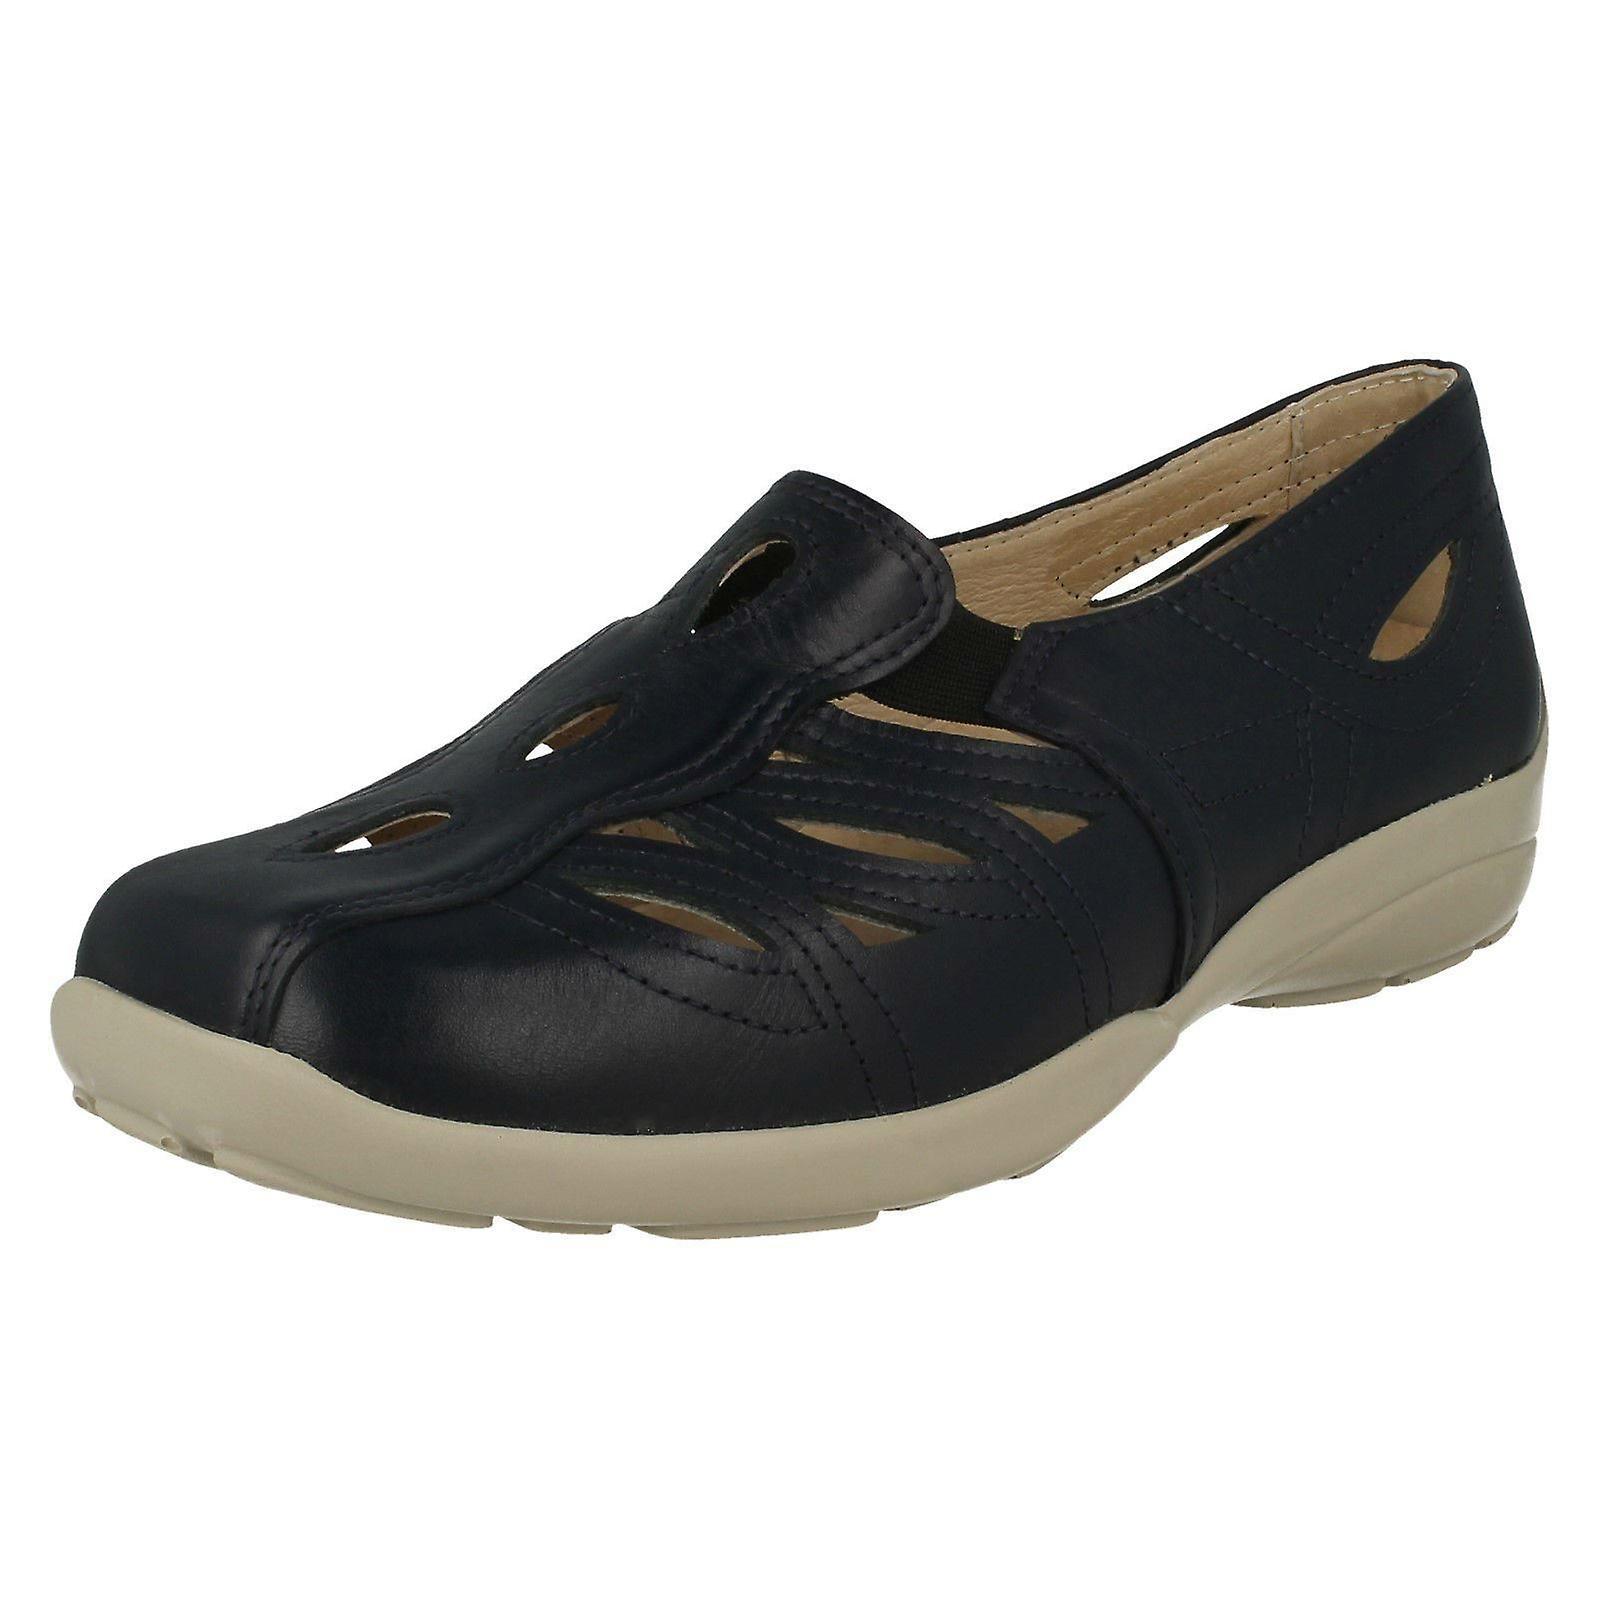 Ladies Easy B Slip On Casual scarpe Fran - Navy Leather - UK Dimensione 5 EE 4E - EU Dimensione 37.5 - US Dimensione 7 | Prezzo basso  | Uomini/Donne Scarpa